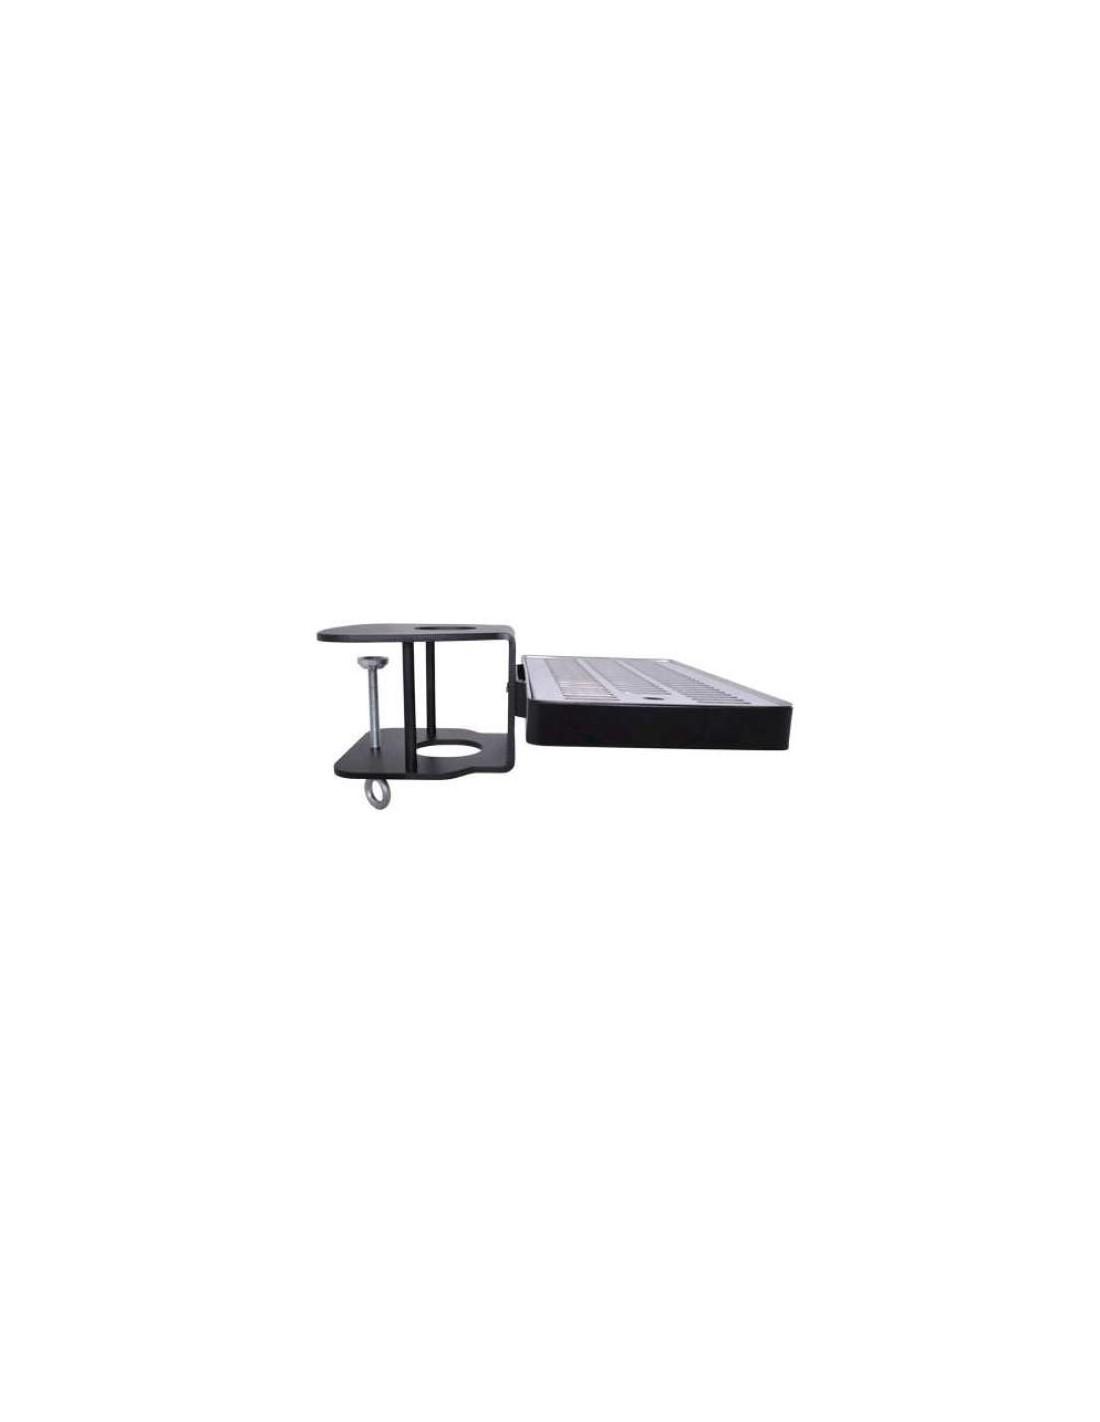 STM02158 - Tillbehör - Spännfäste för bordsmontering av tappkran (222x150x30mm)